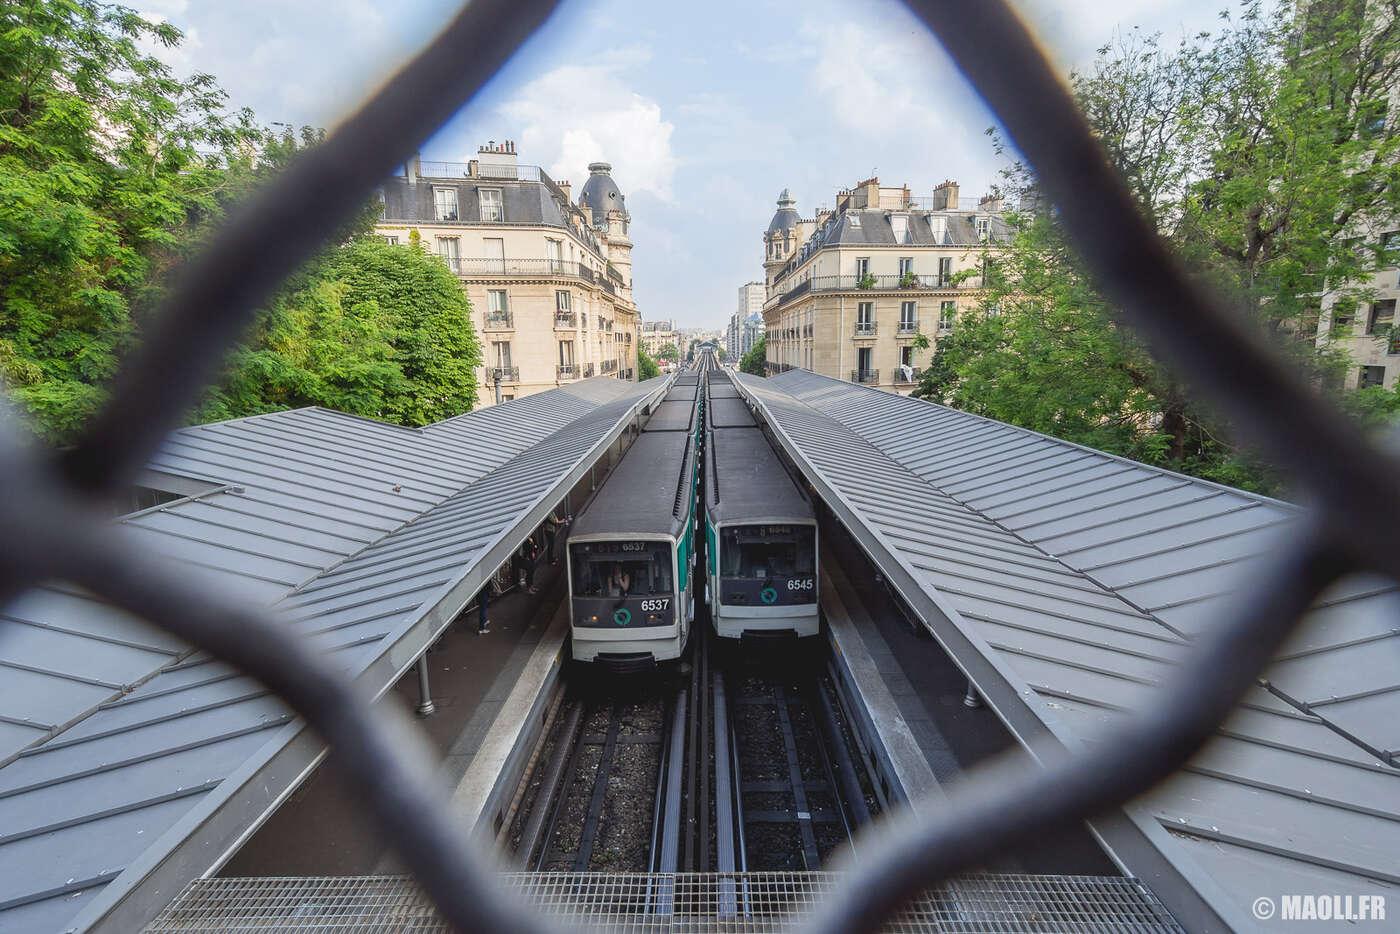 Station de métro de Passy